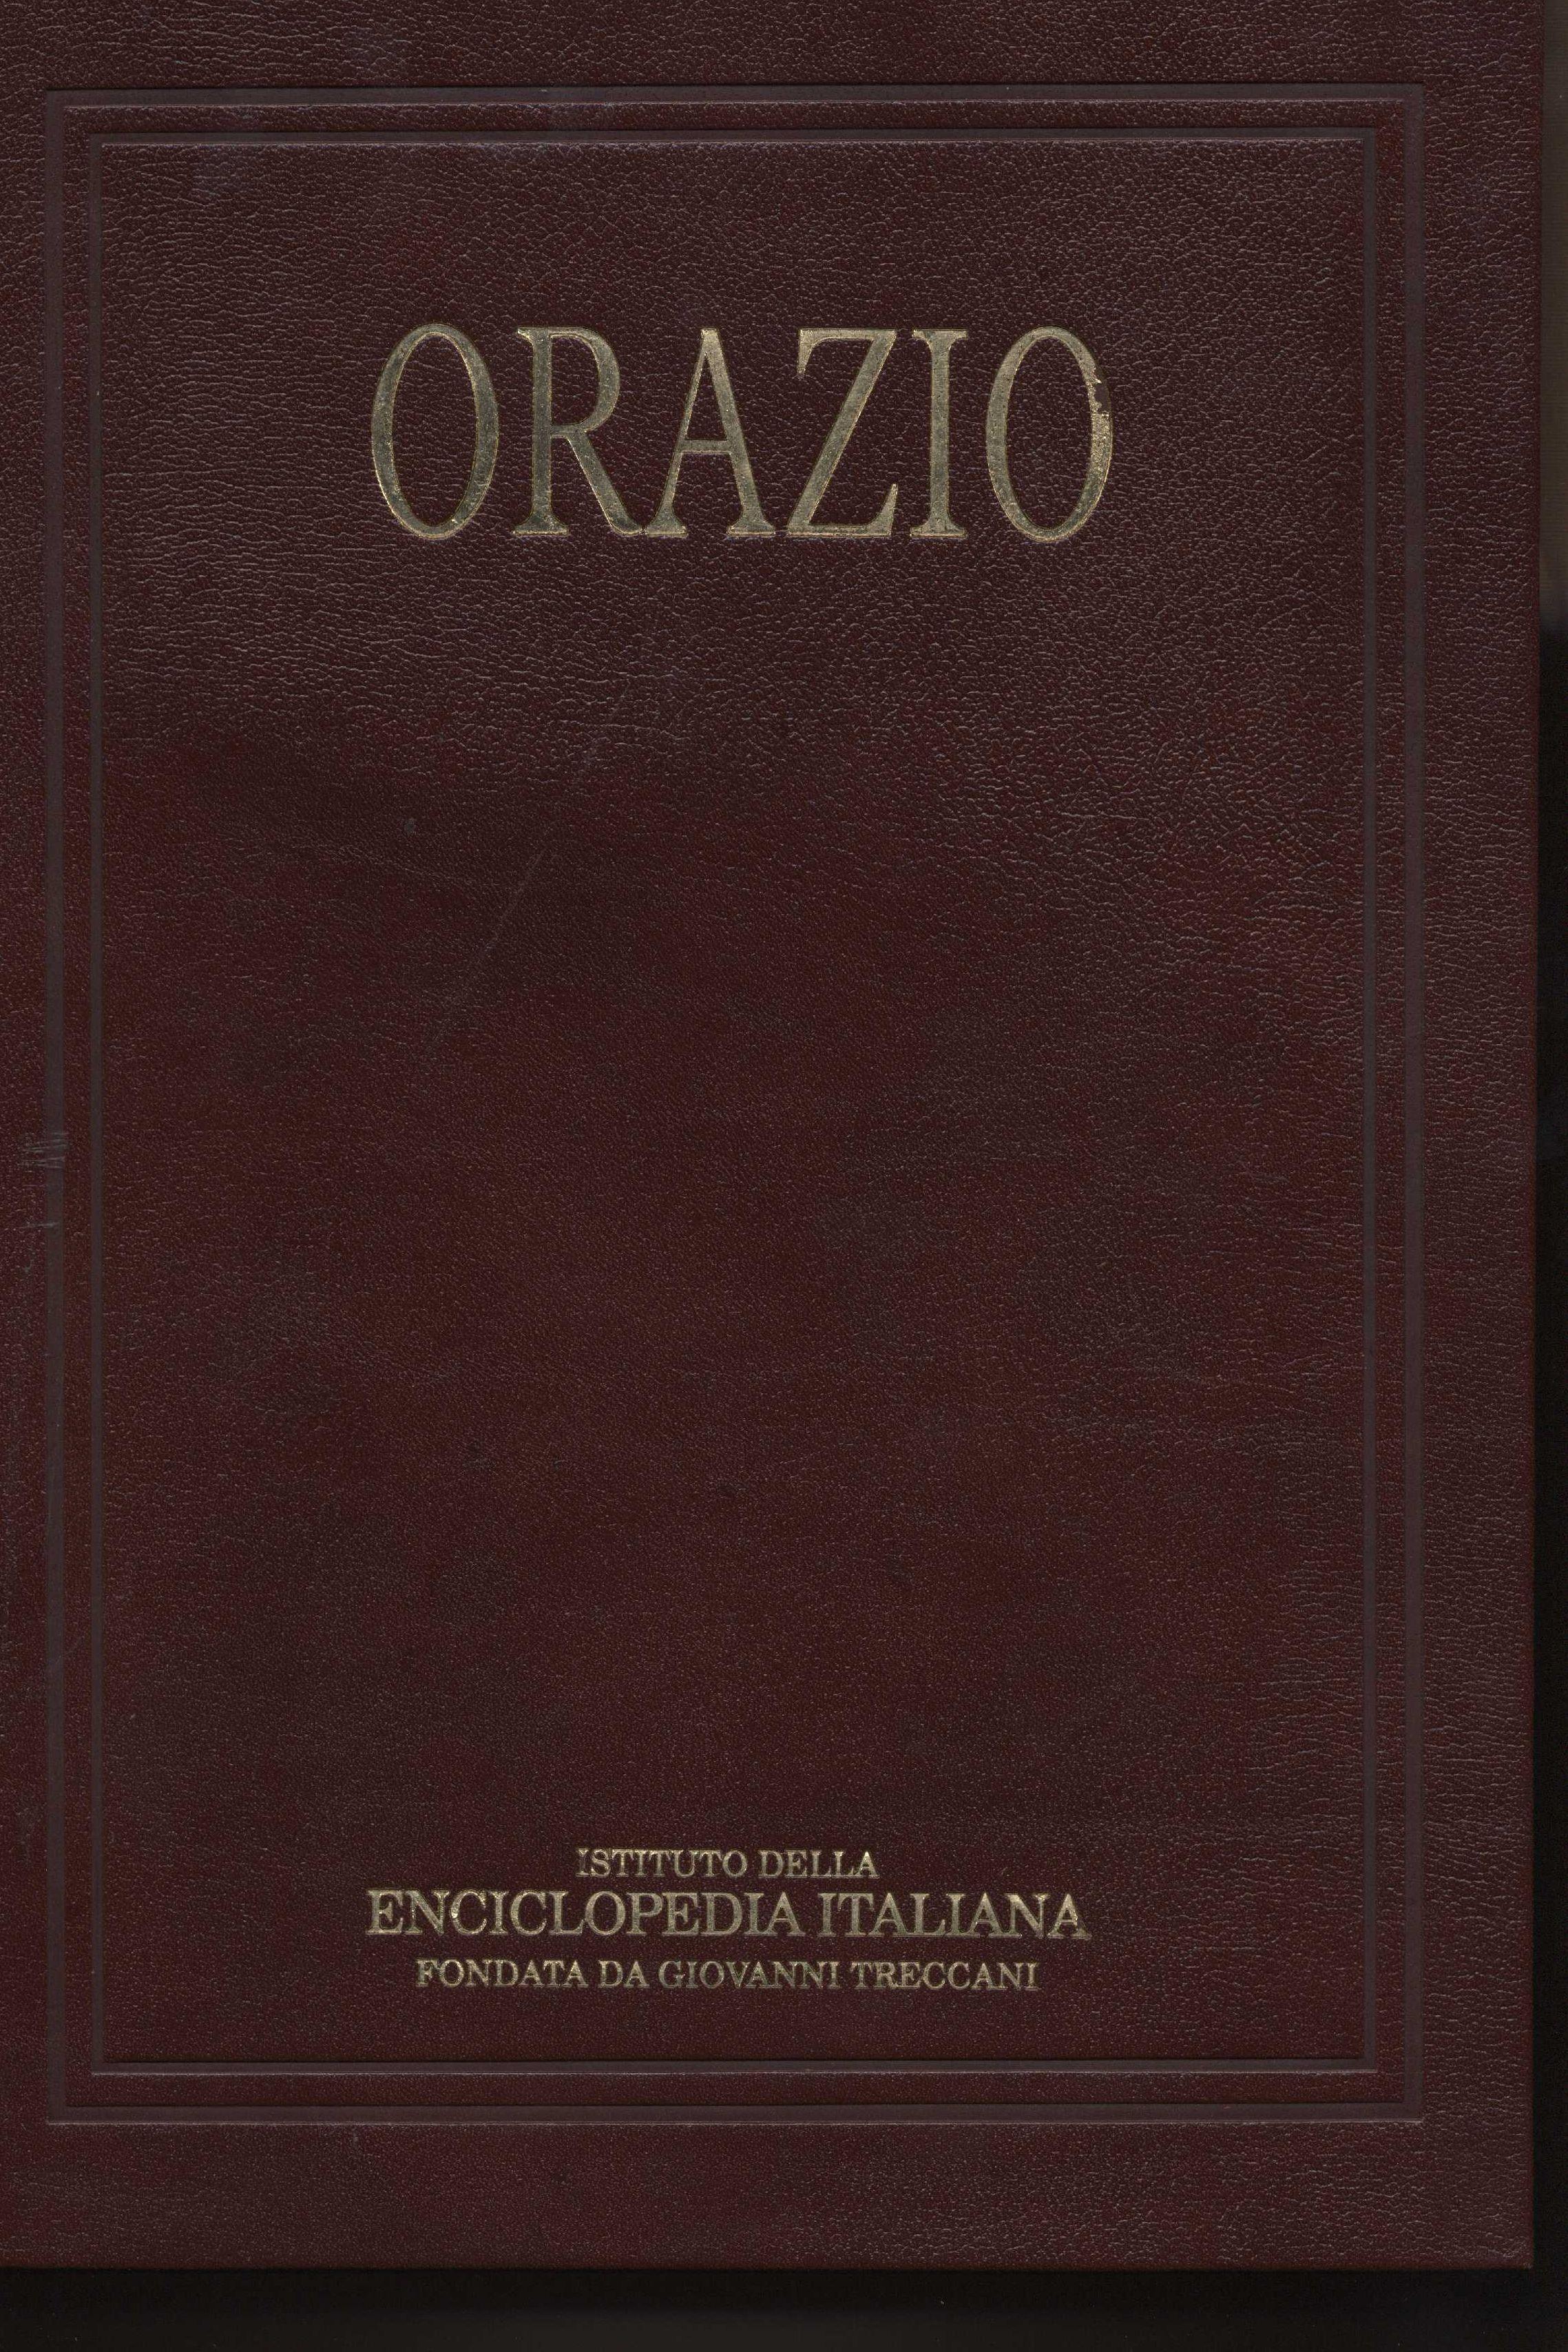 Orazio. Enciclopedia...